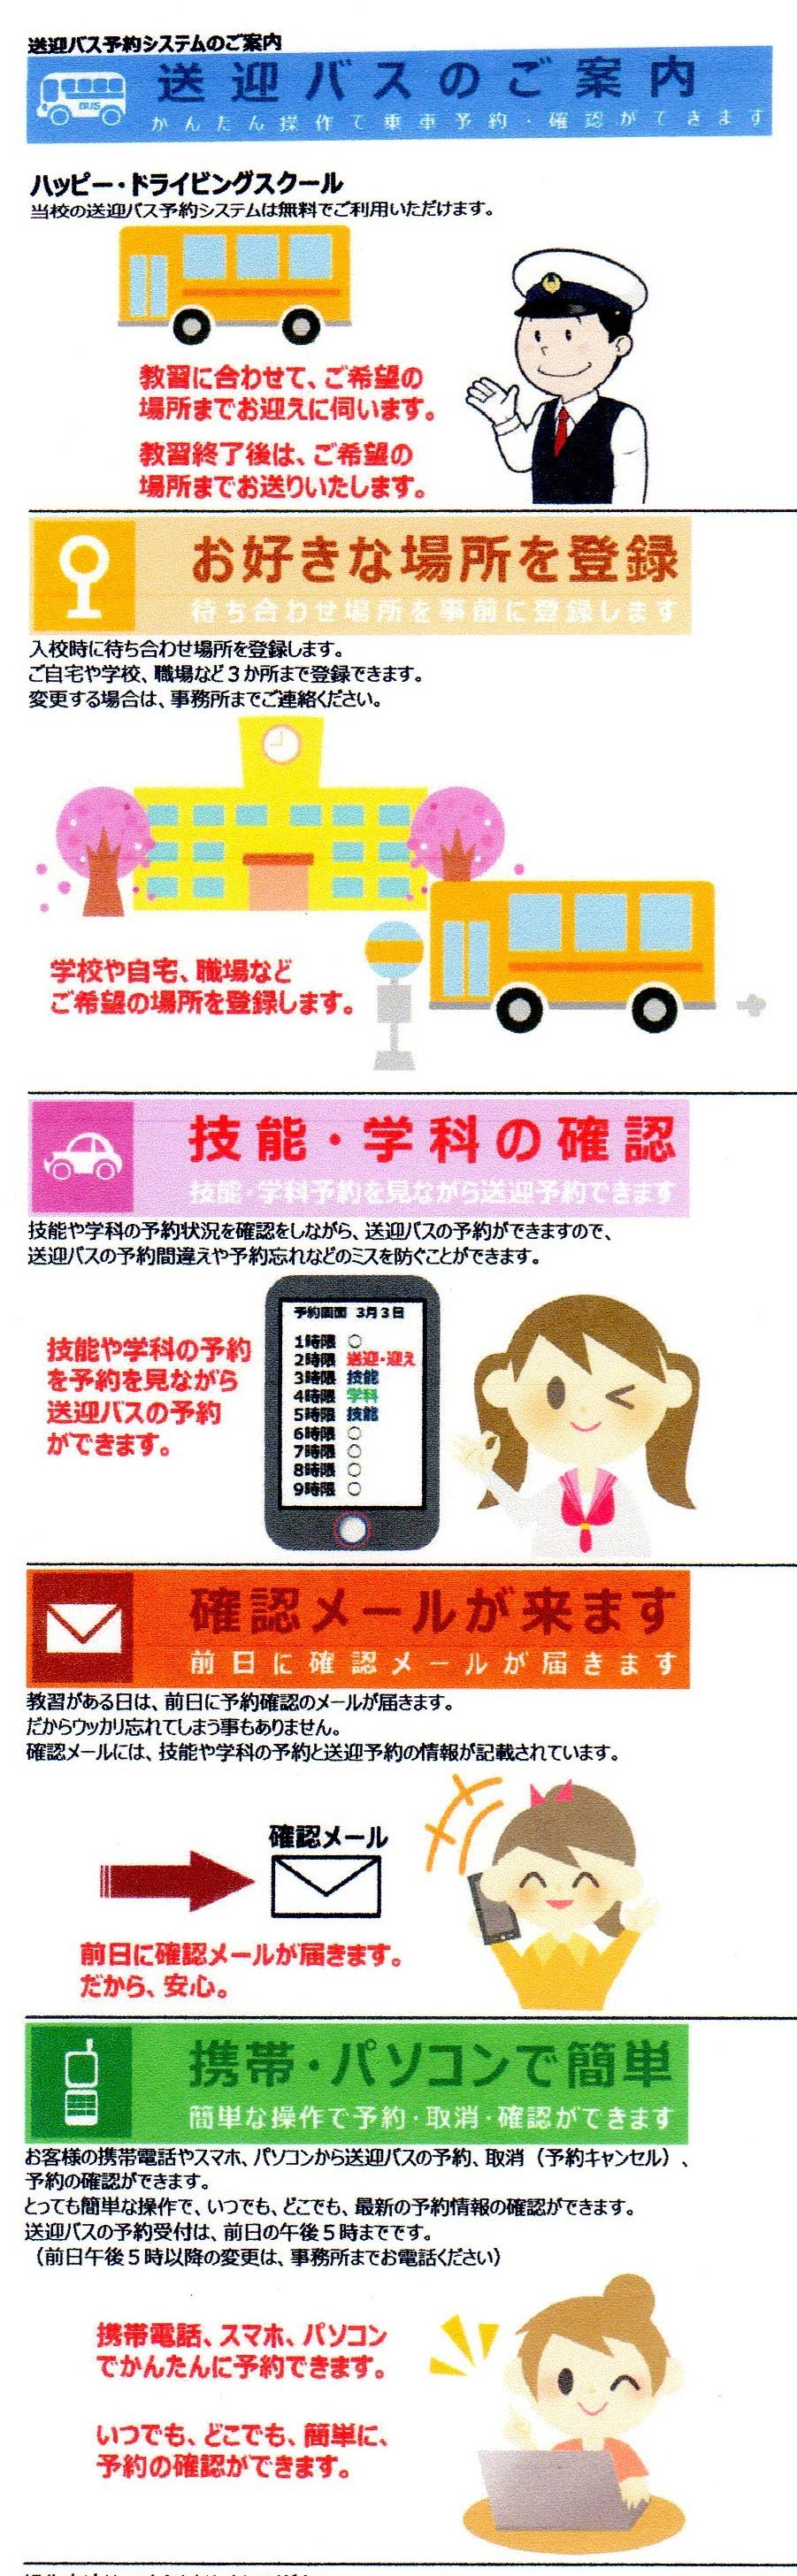 送迎バスシステム